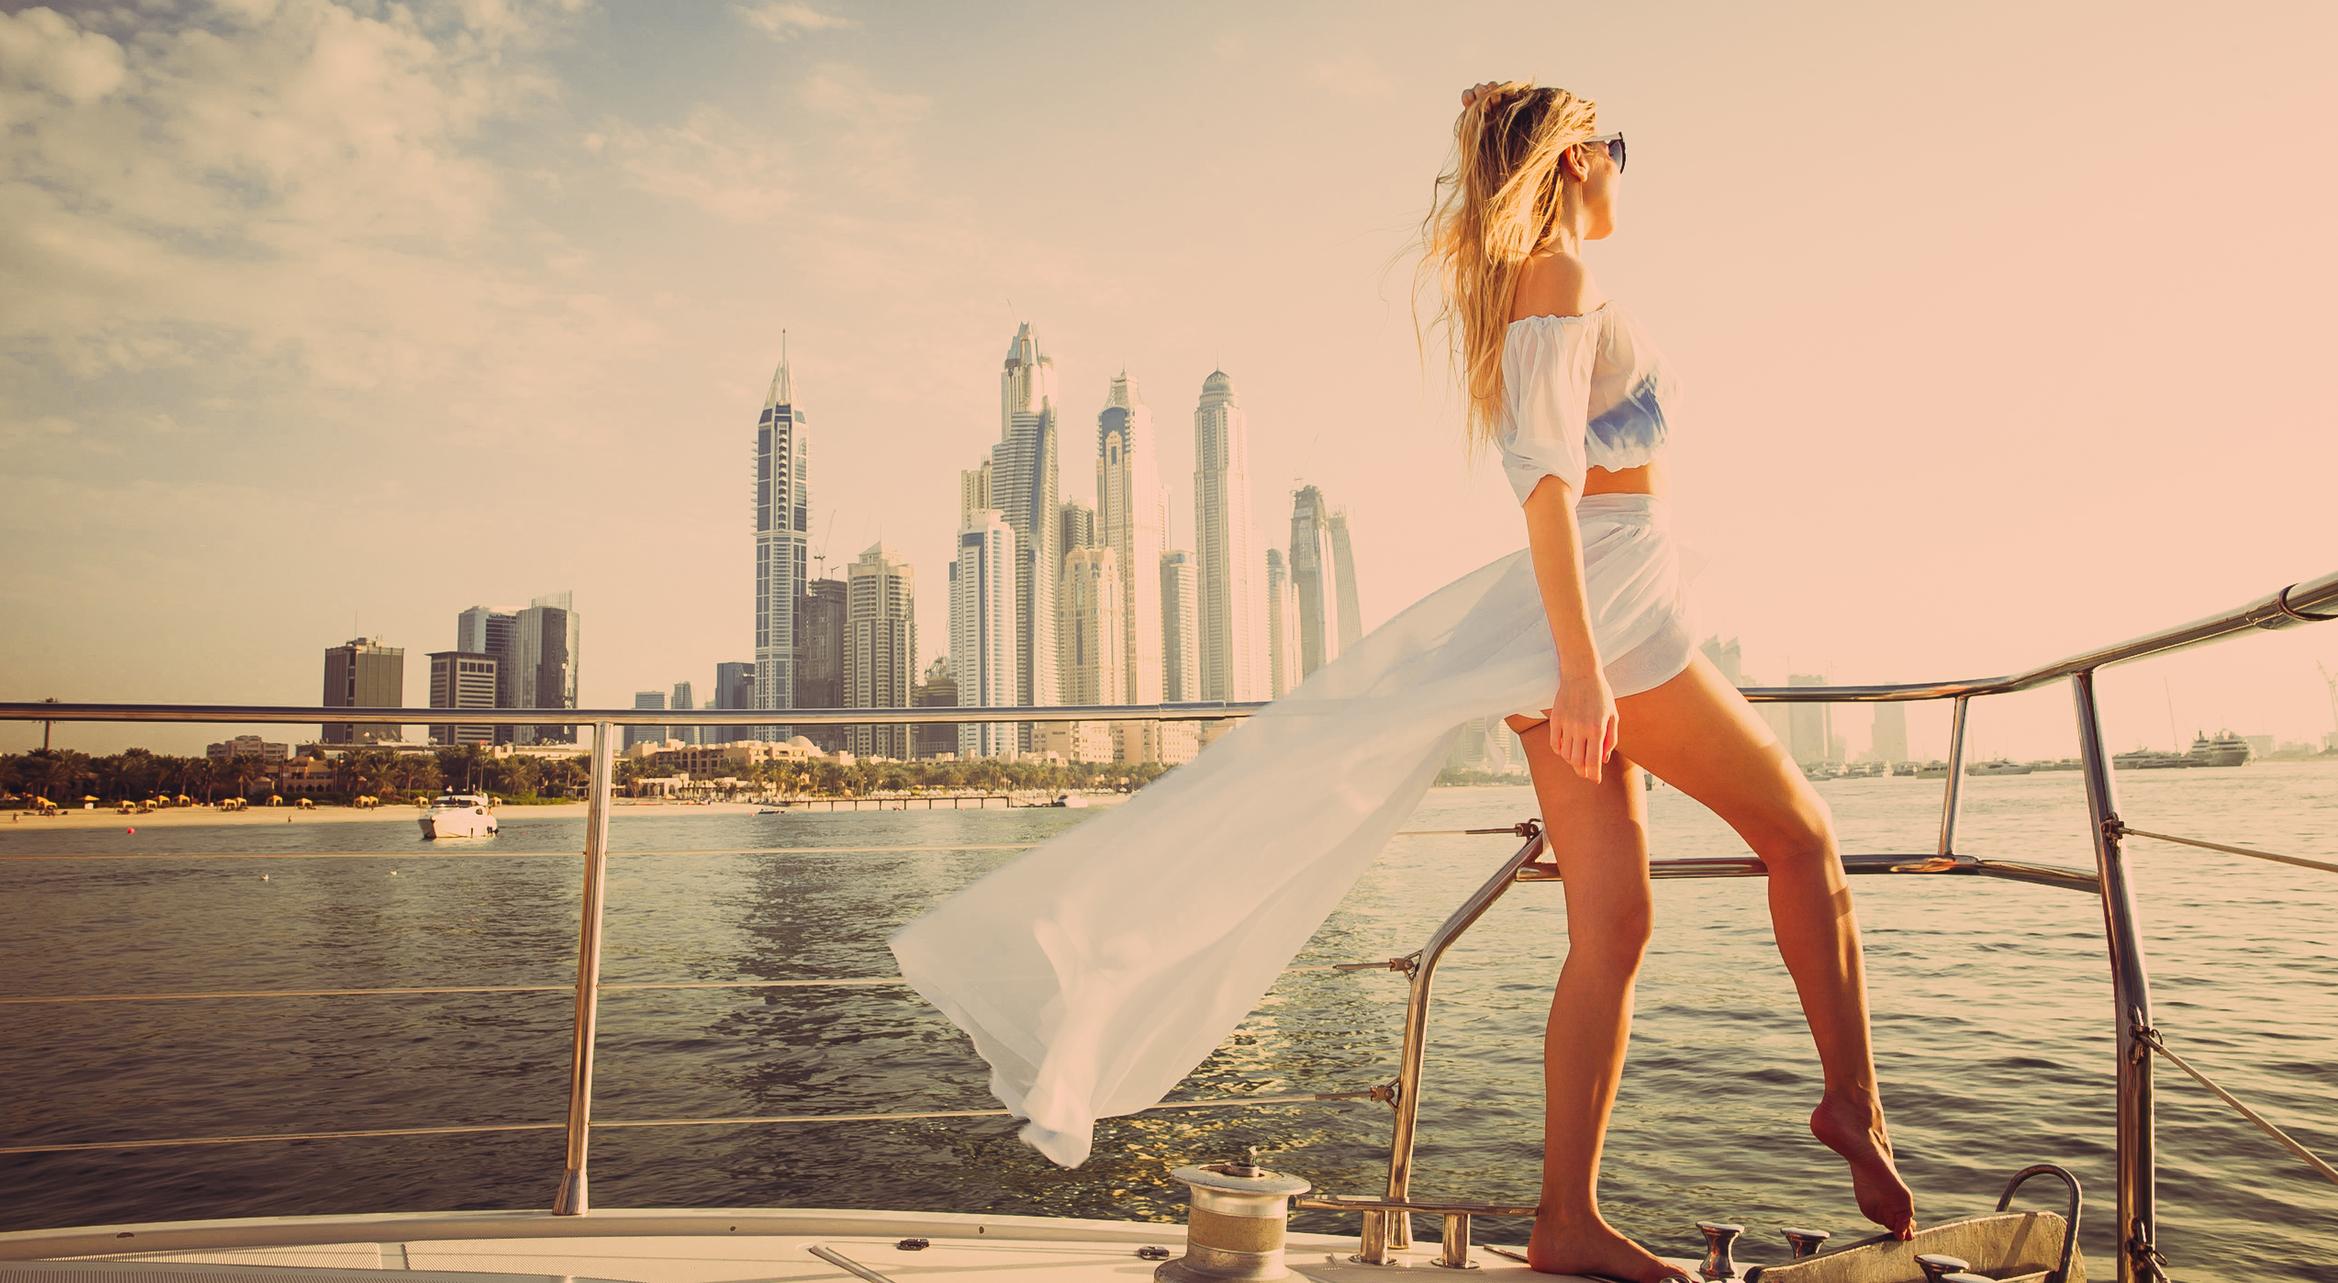 Dubaistakin asti vaikutteita elämäään